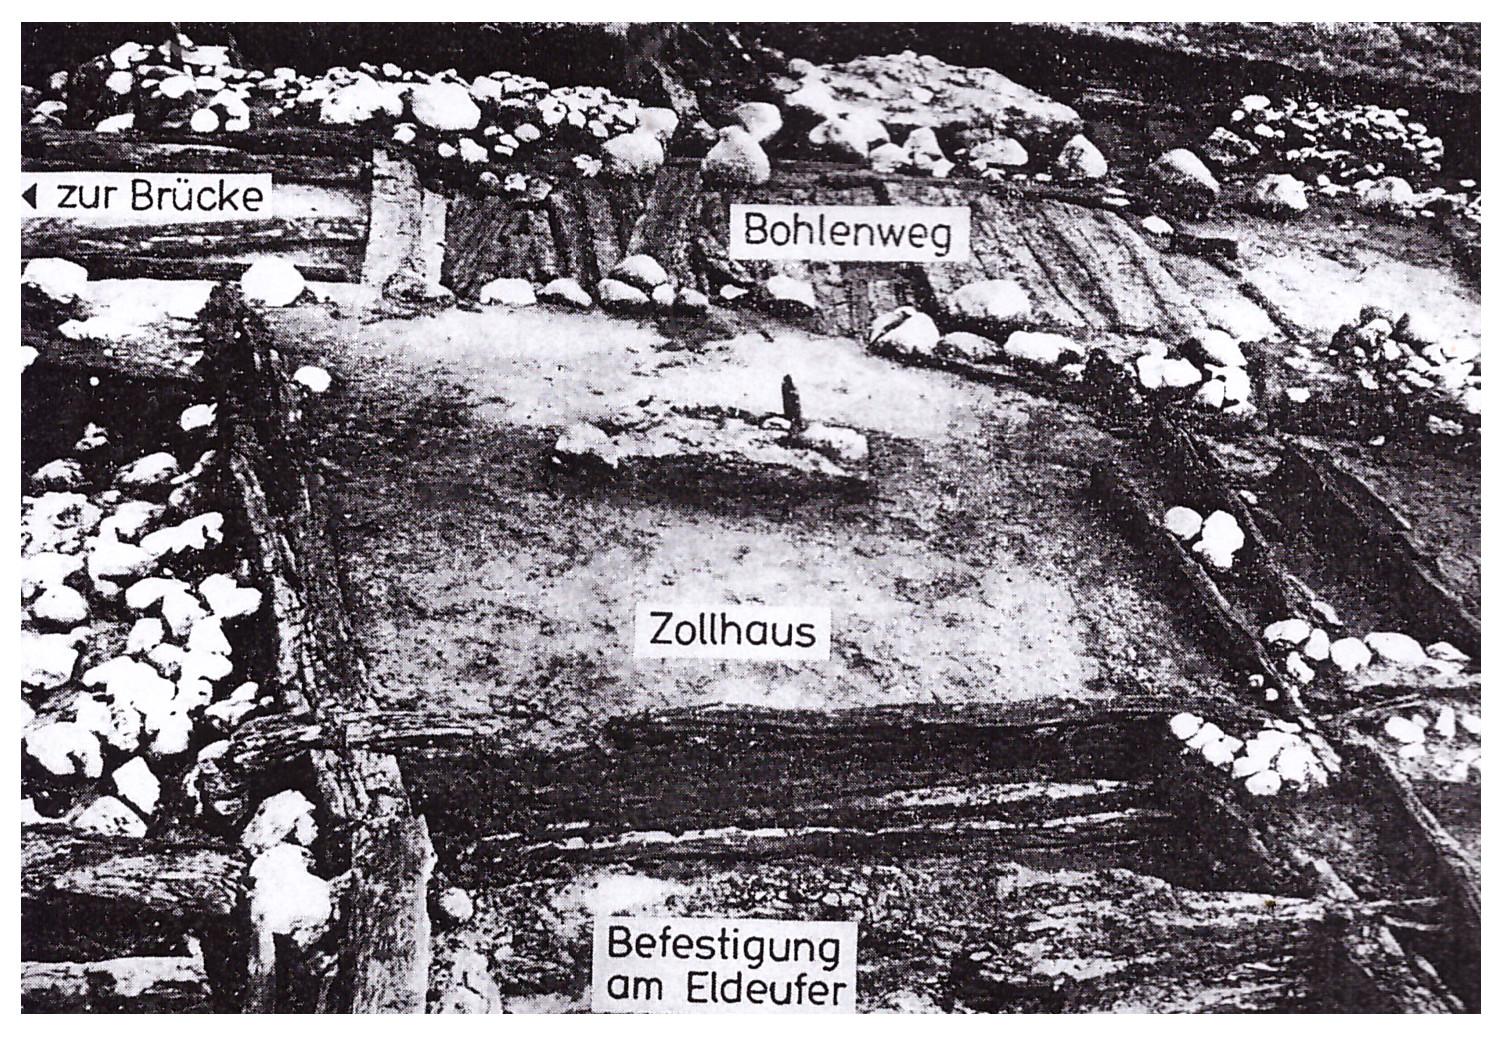 Реконструкција тврђава Шпандау у 10. веку према Херману (Фото: Божидар Зечевић)